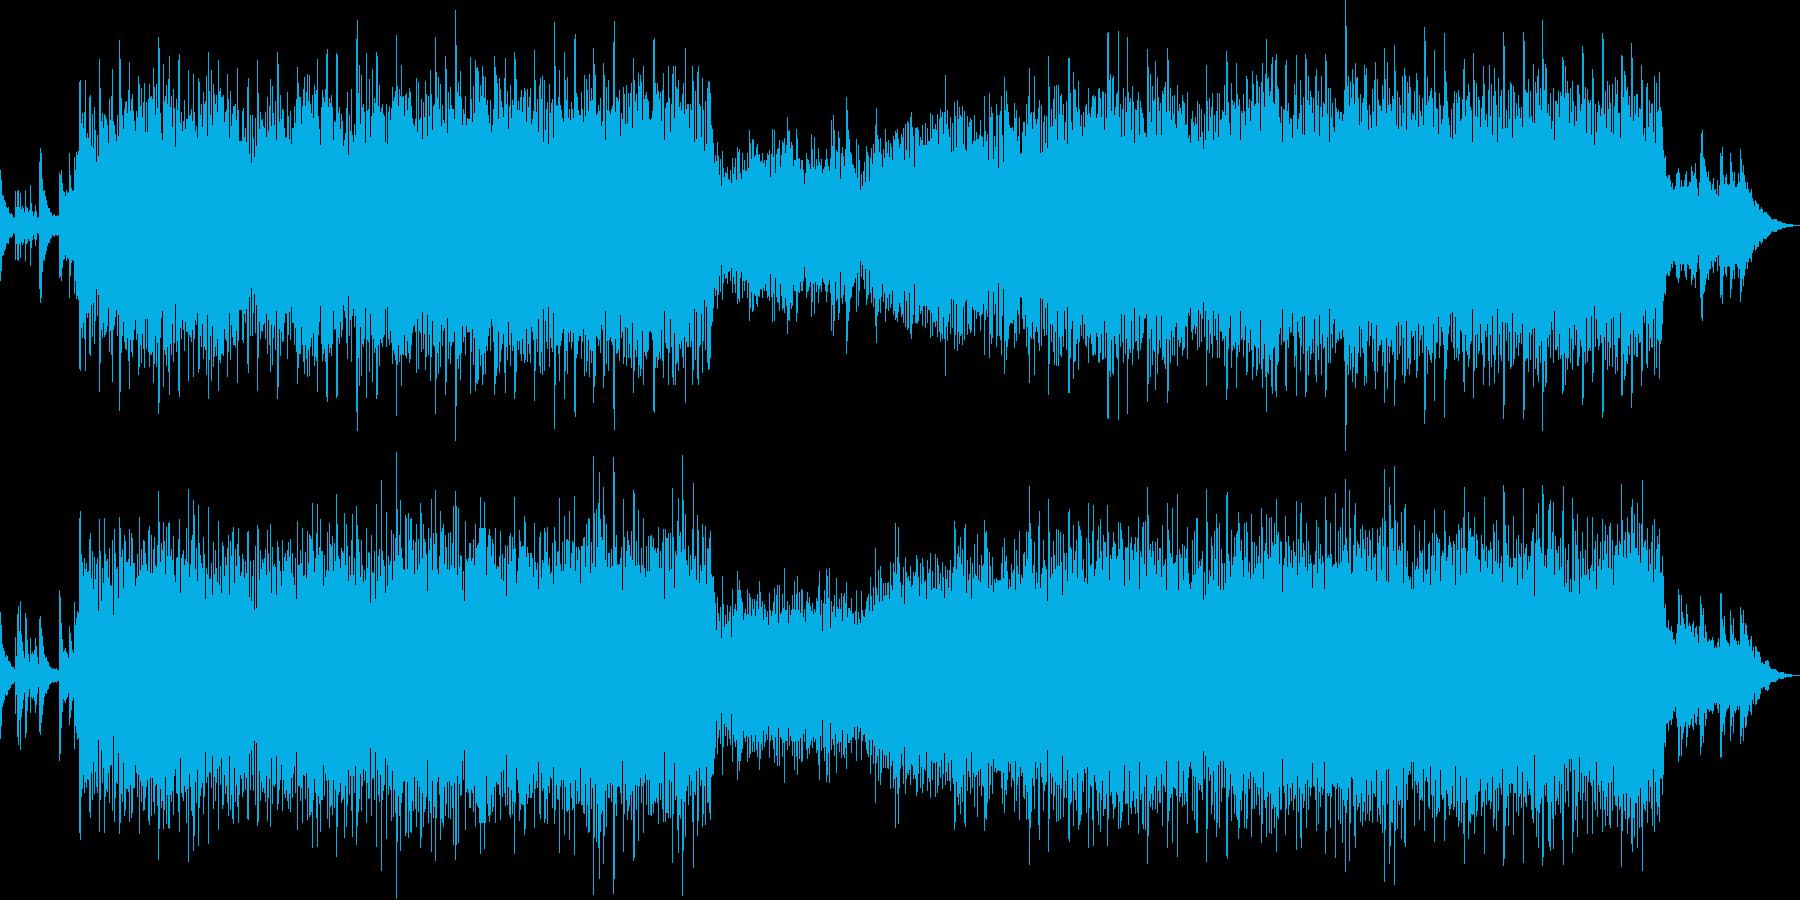 明るく爽やかなオーケストラポップ-07の再生済みの波形